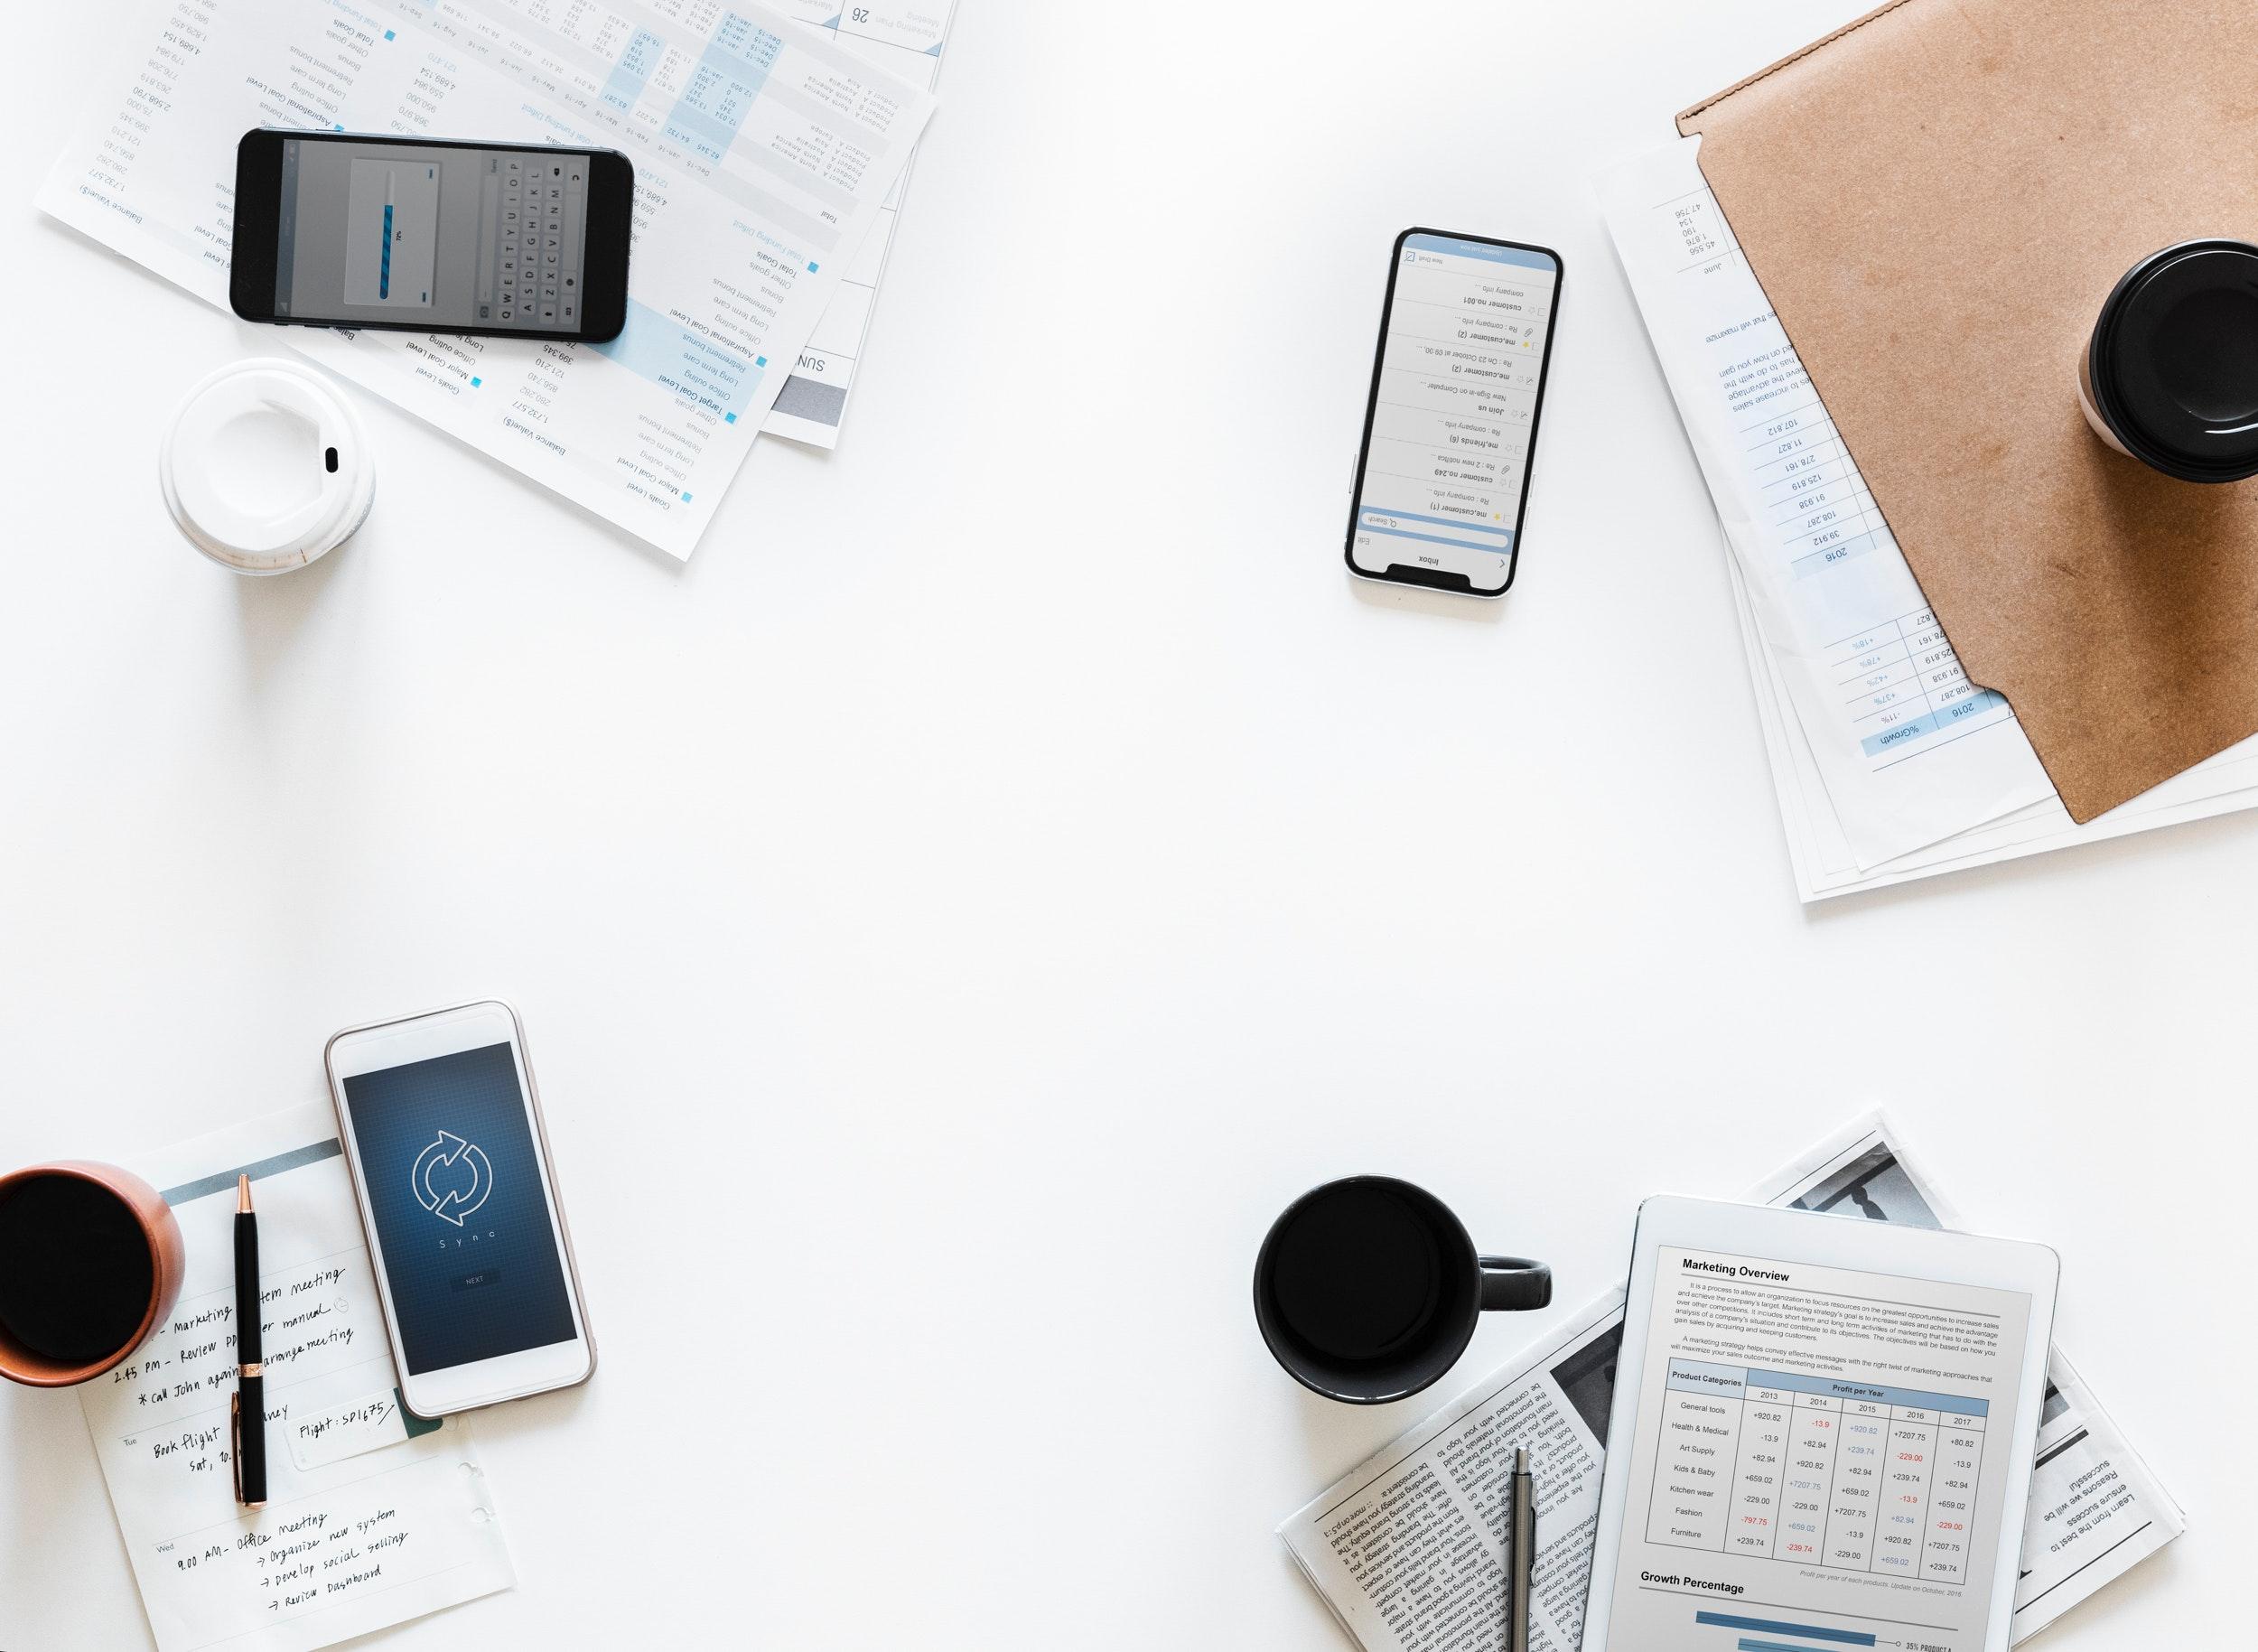 Les outils de communication au sein d'une entreprise